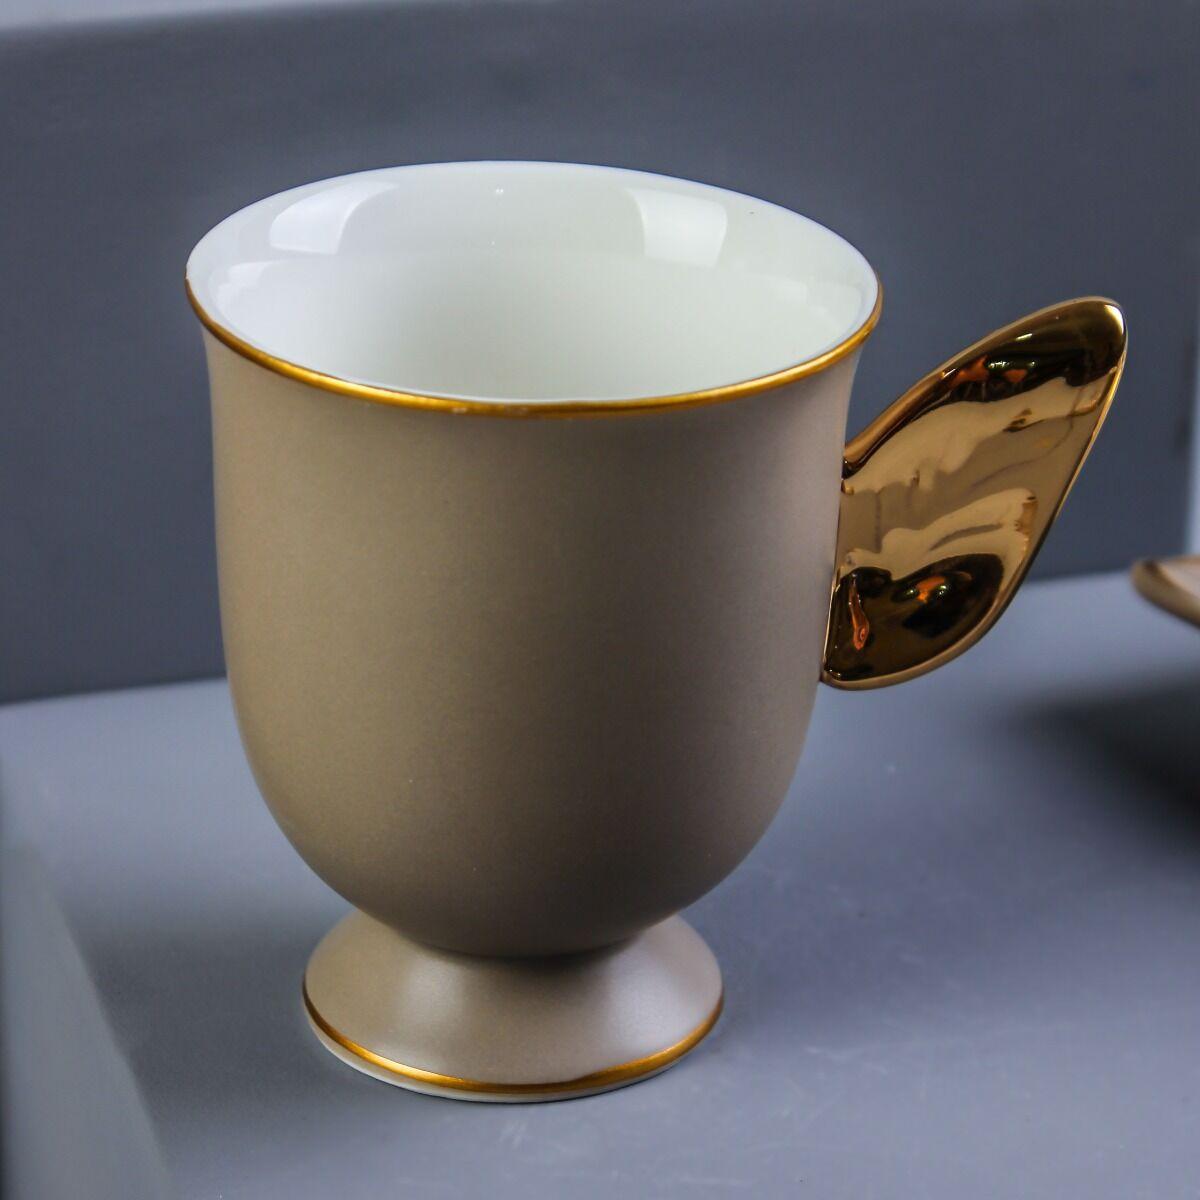 فناجين قهوة غلامور ليف- بيج MEN-PL-66-COF-KN